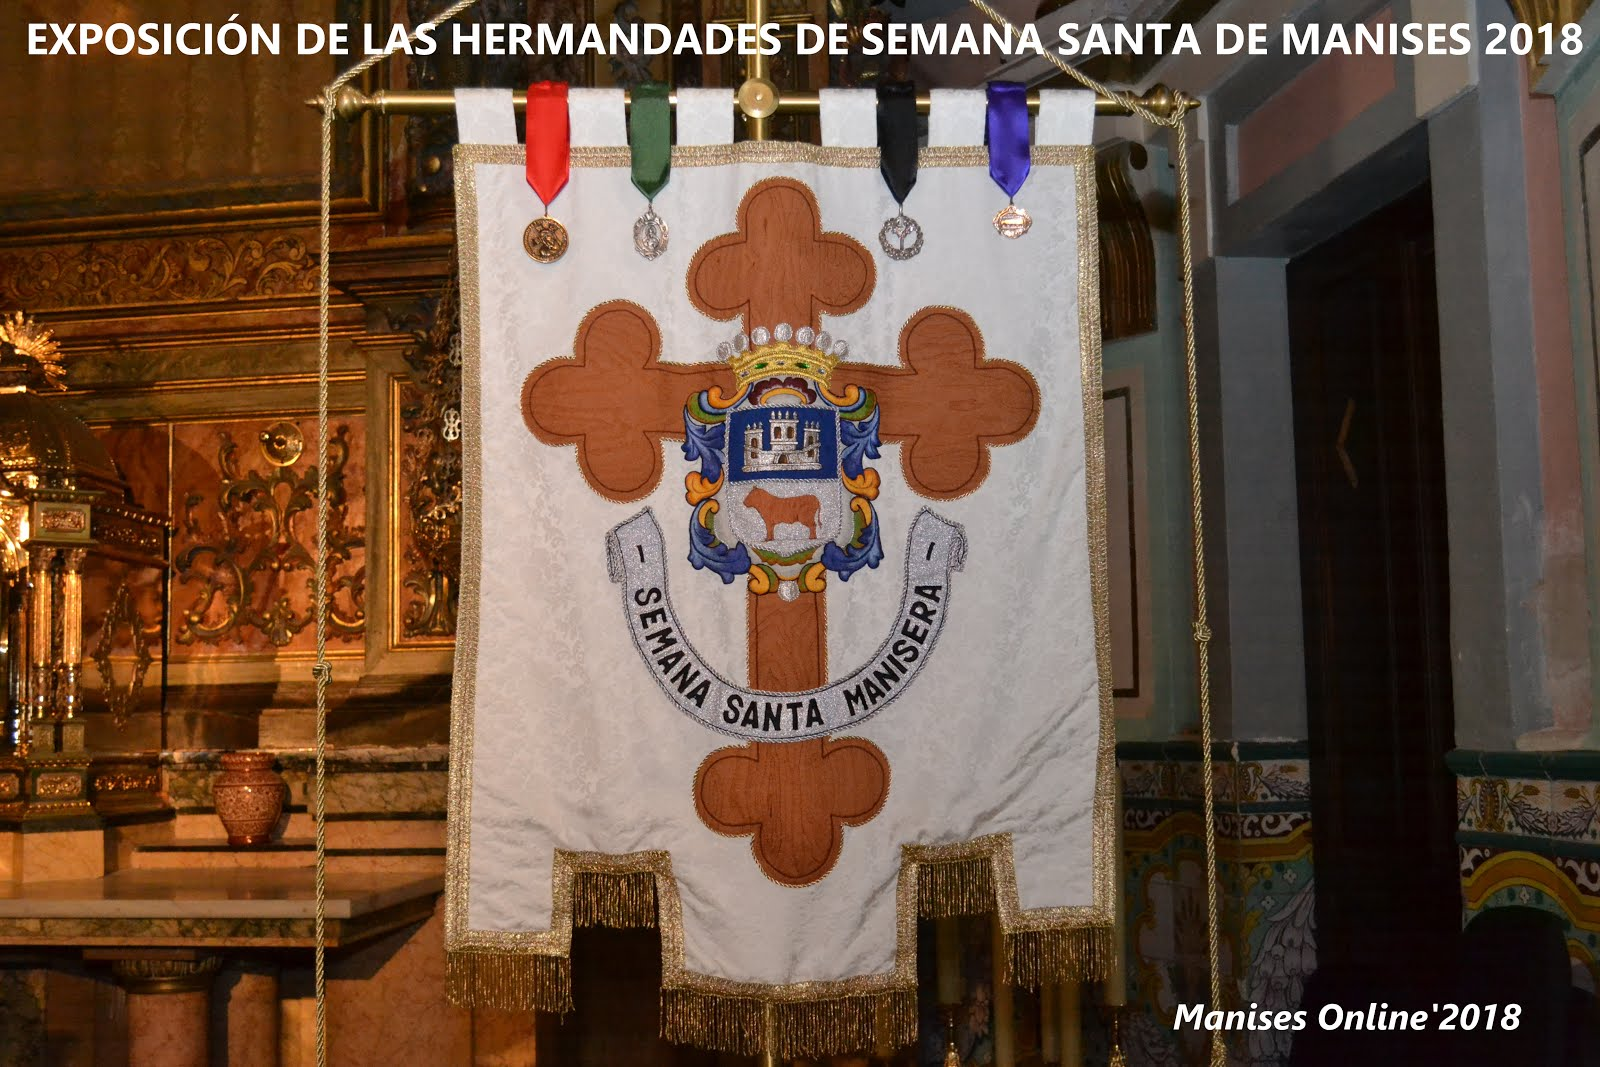 13.03.18 SEMANA SANTA 2018: EXPOSICIÓN DE LAS IMAGENES DE LAS HERMANDADES EN LA PARROQUIA D S J BTA